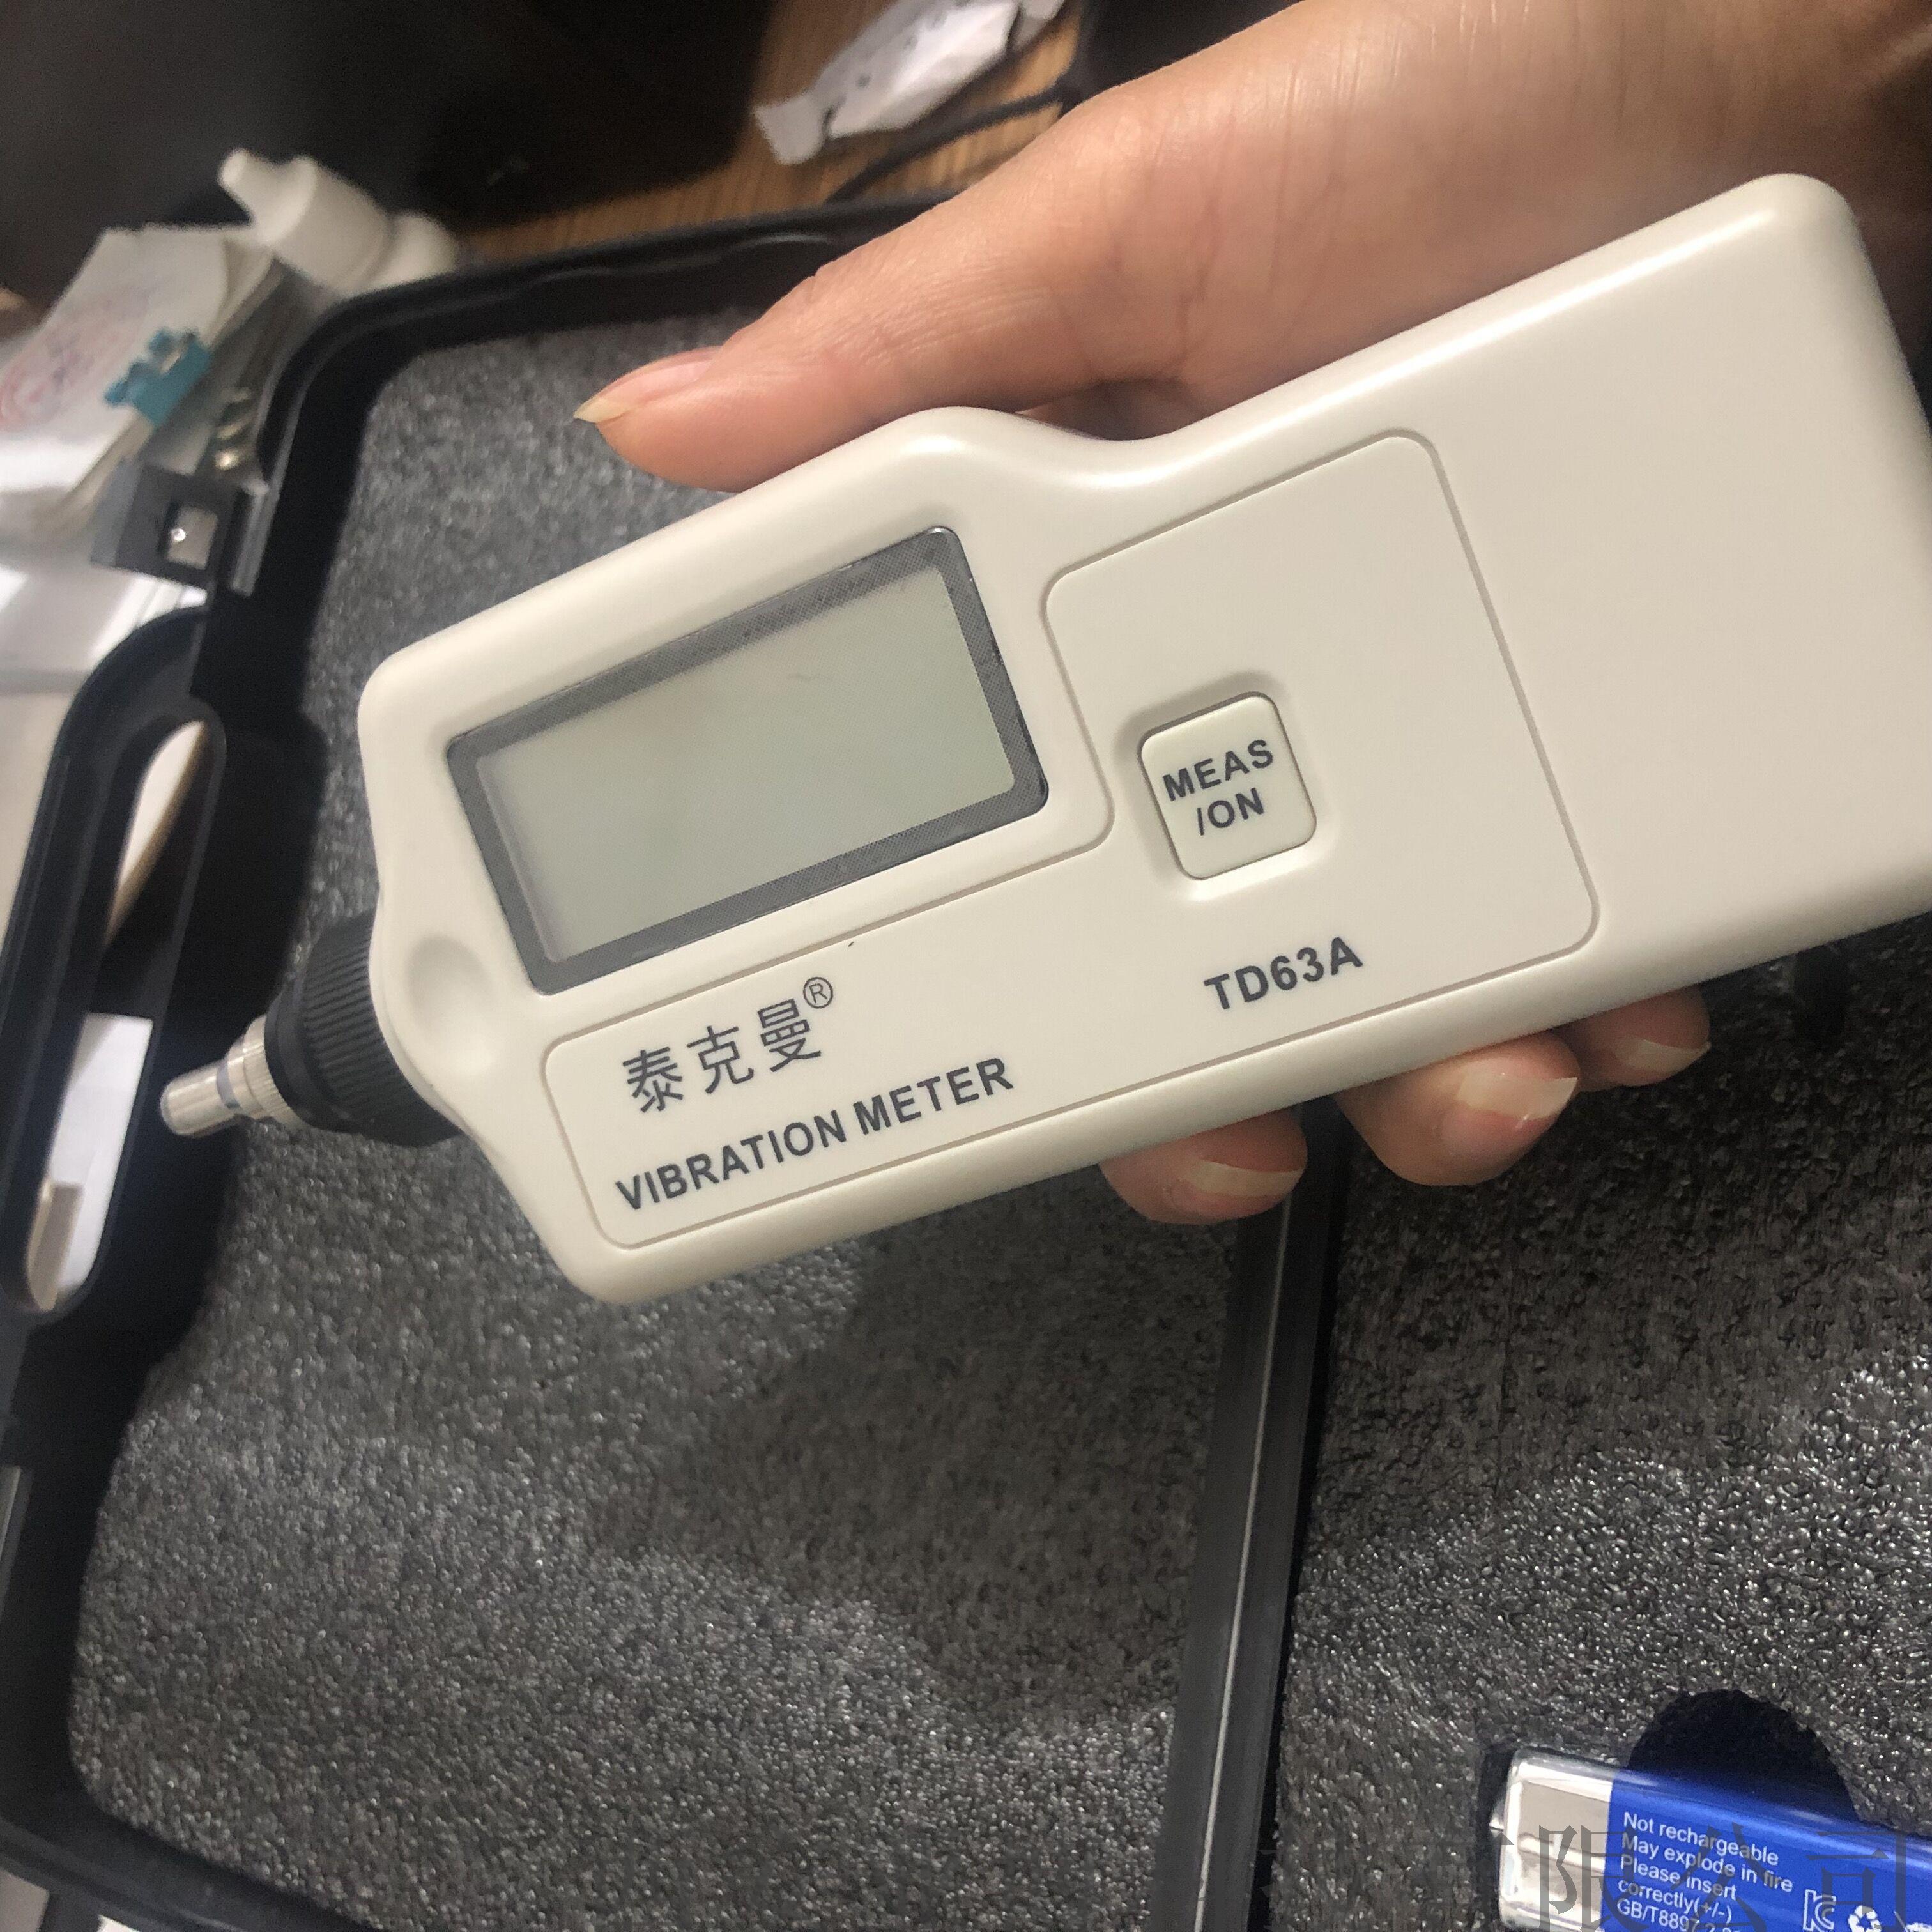 西安哪里有卖测振仪联系139,91912285131091915